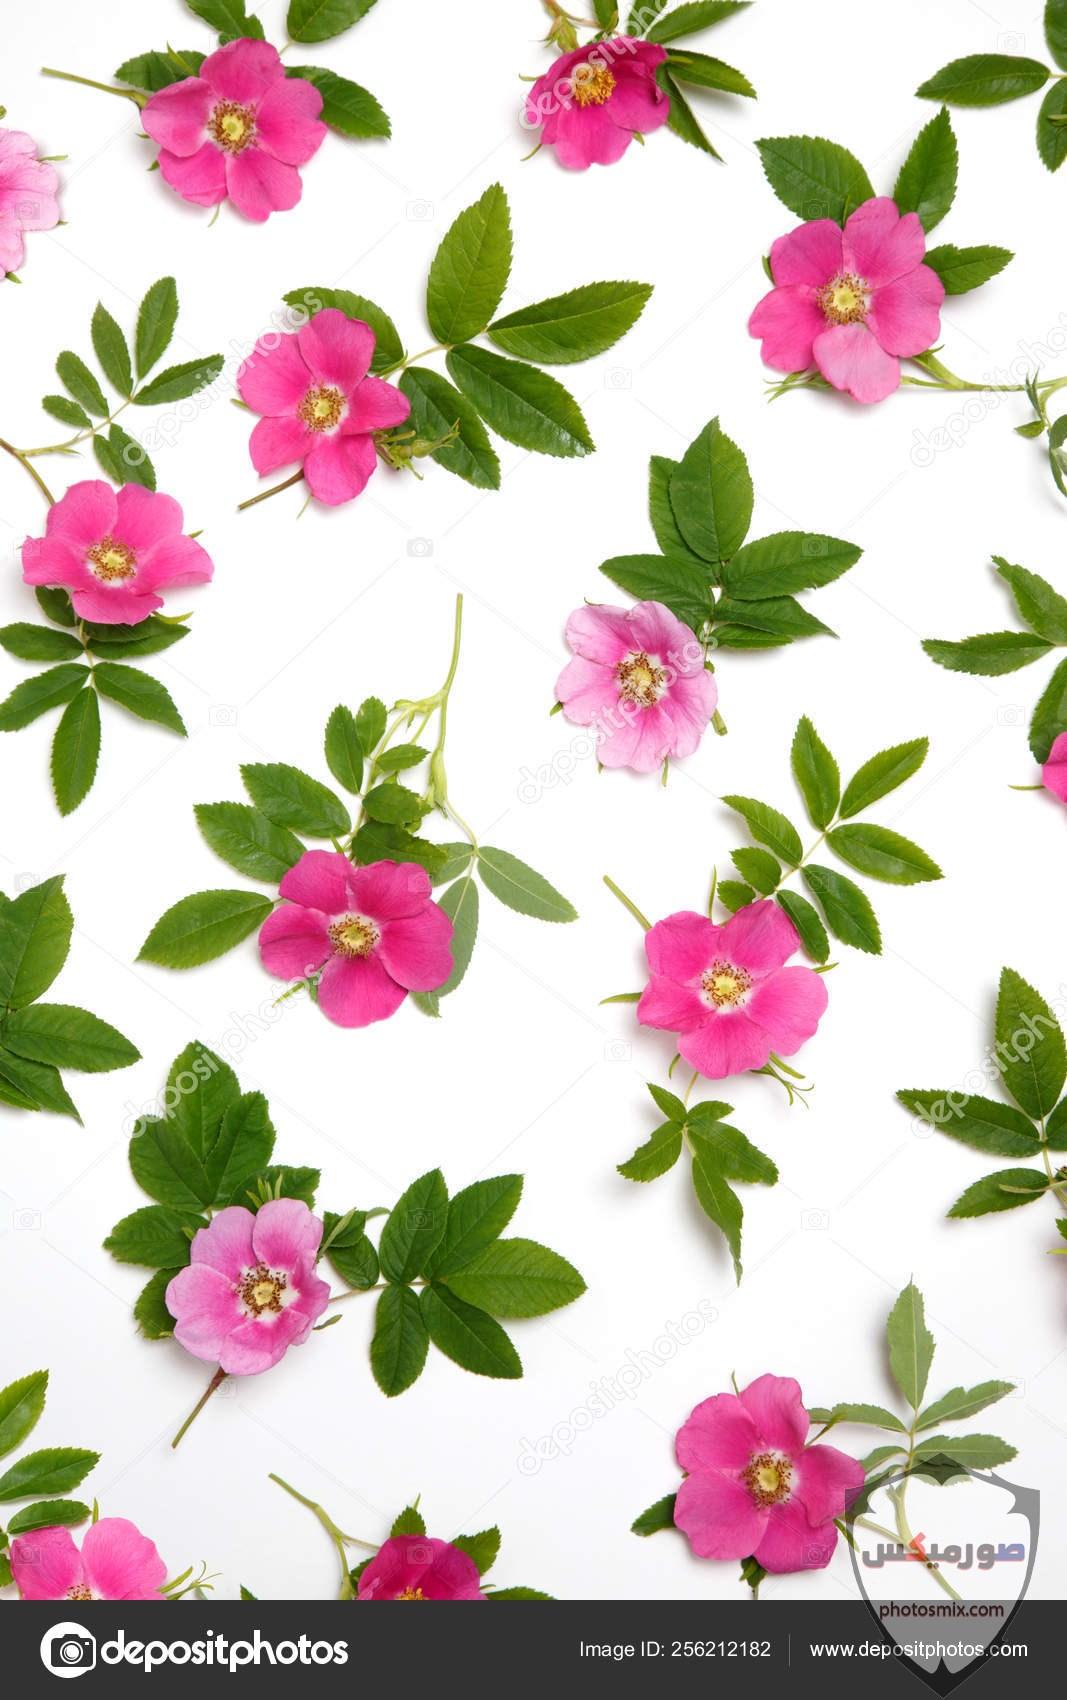 خواطر رائعة عن الورود 4 1